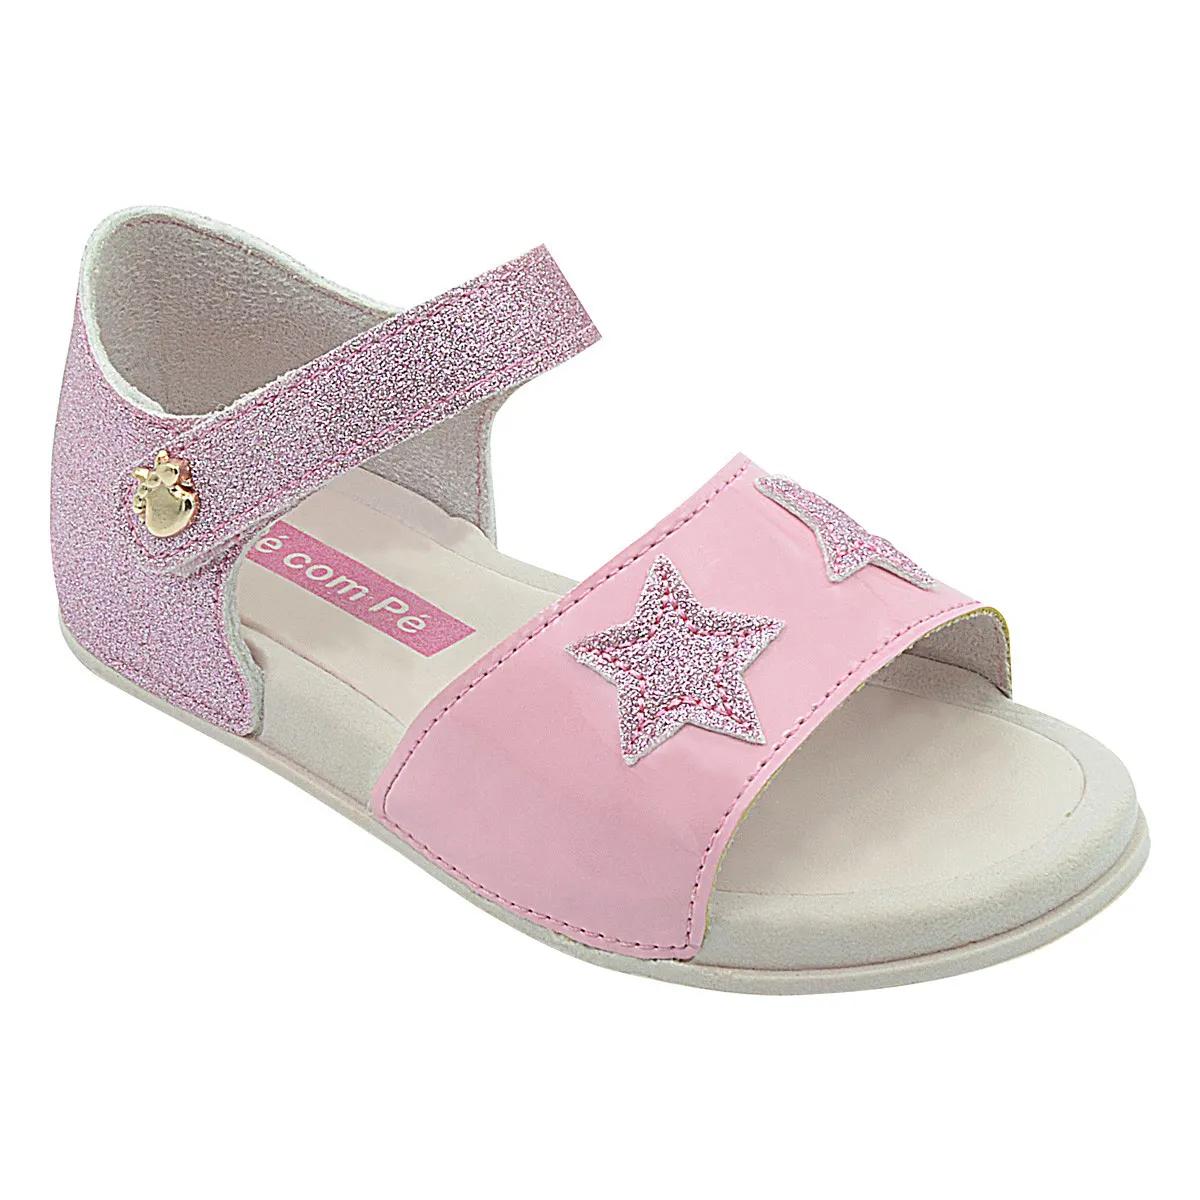 Sandália Infantil com Estrelinhas de Glitter Rosa Feminina